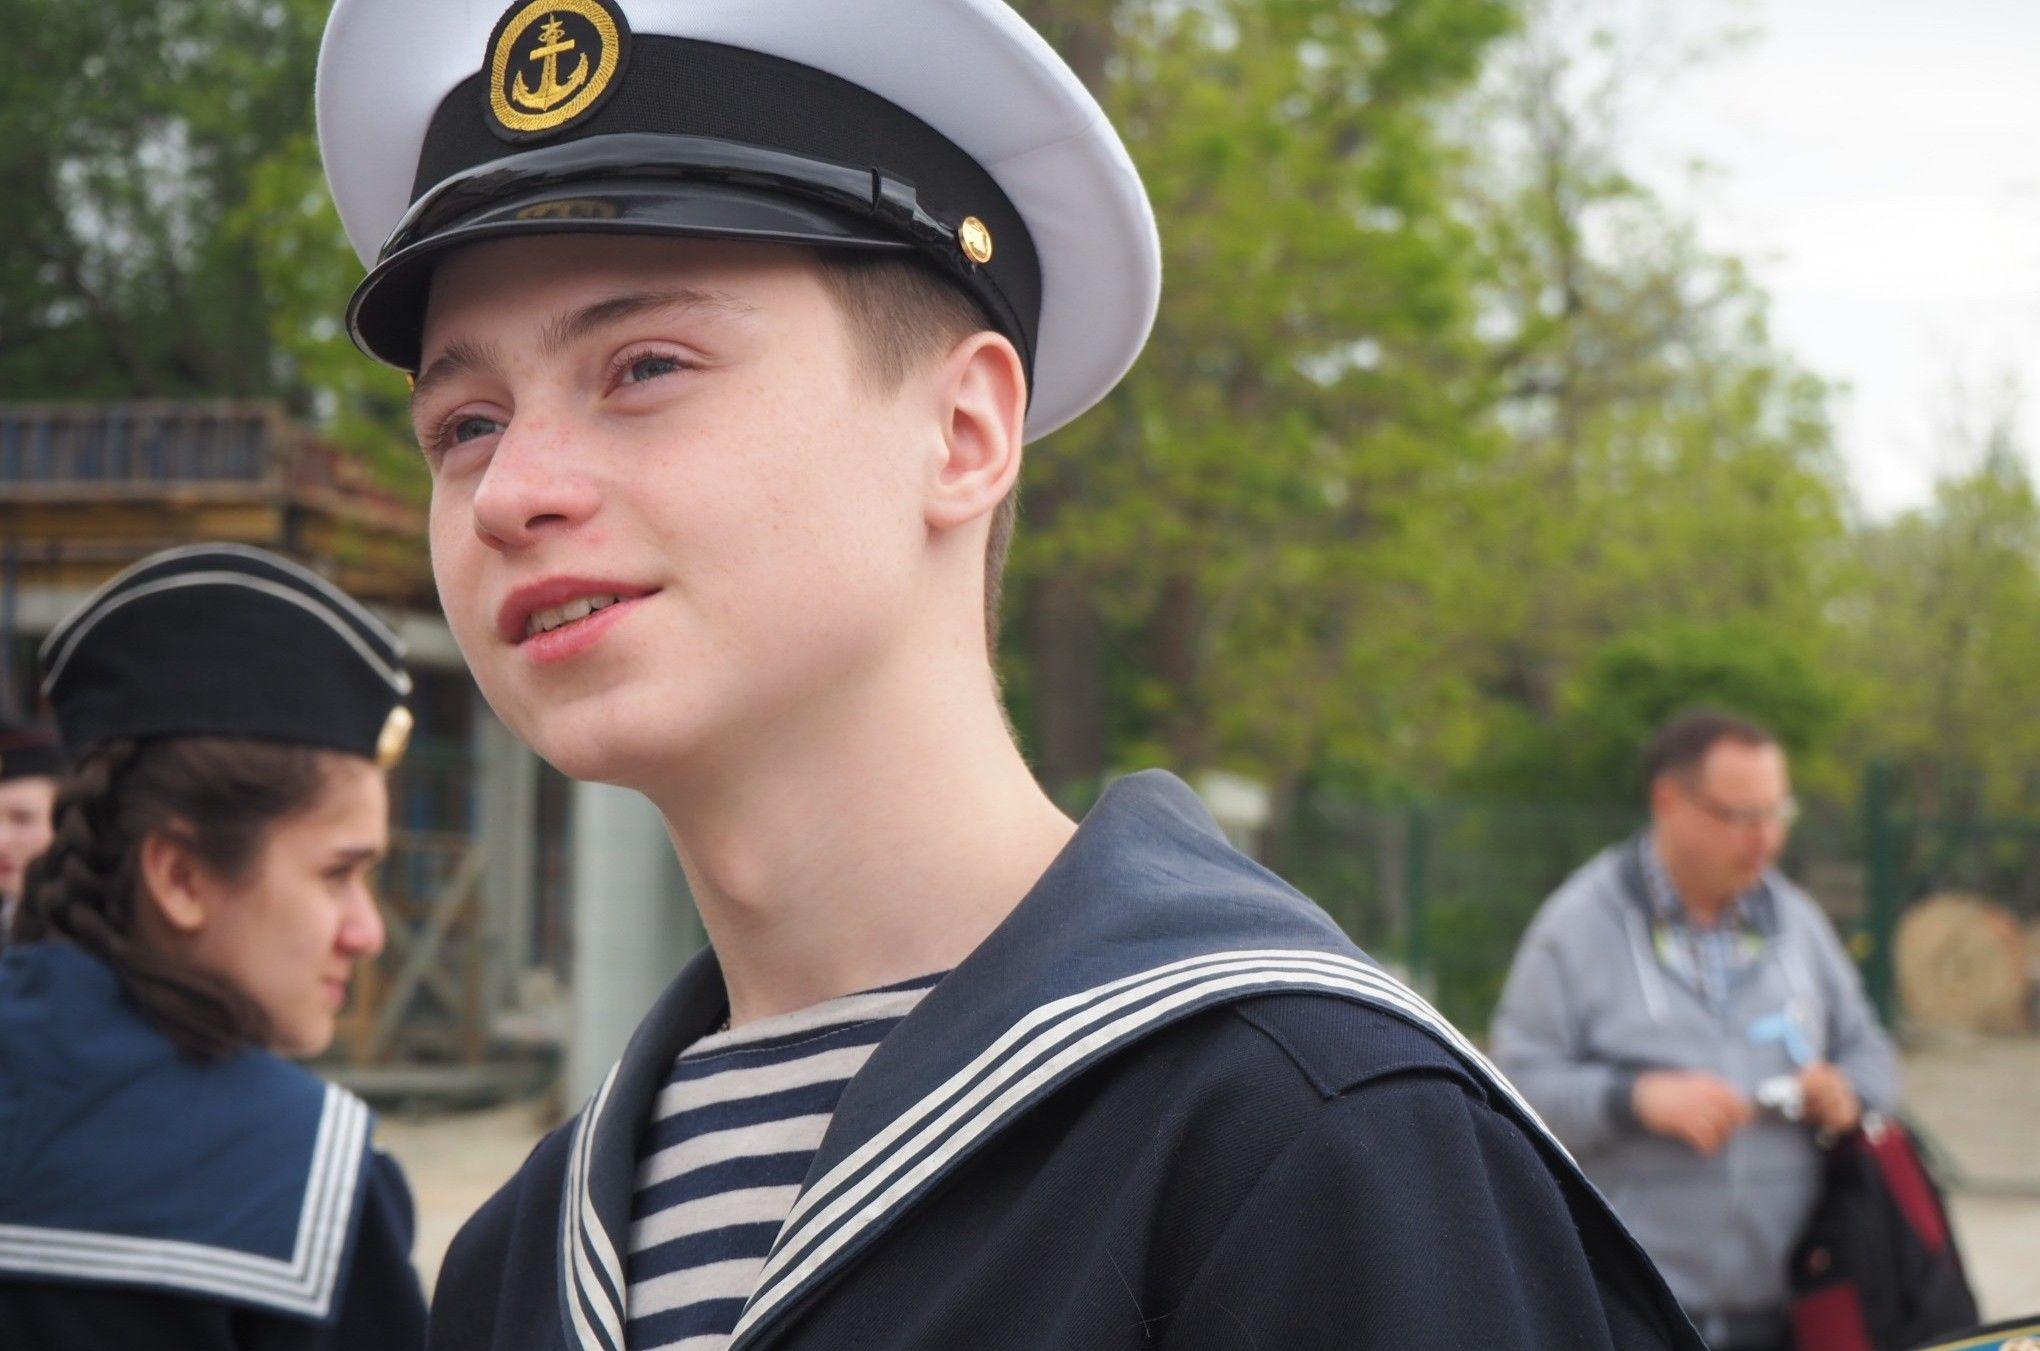 День открытых дверей проведут в колледже Московской государственной академии водного транспорта